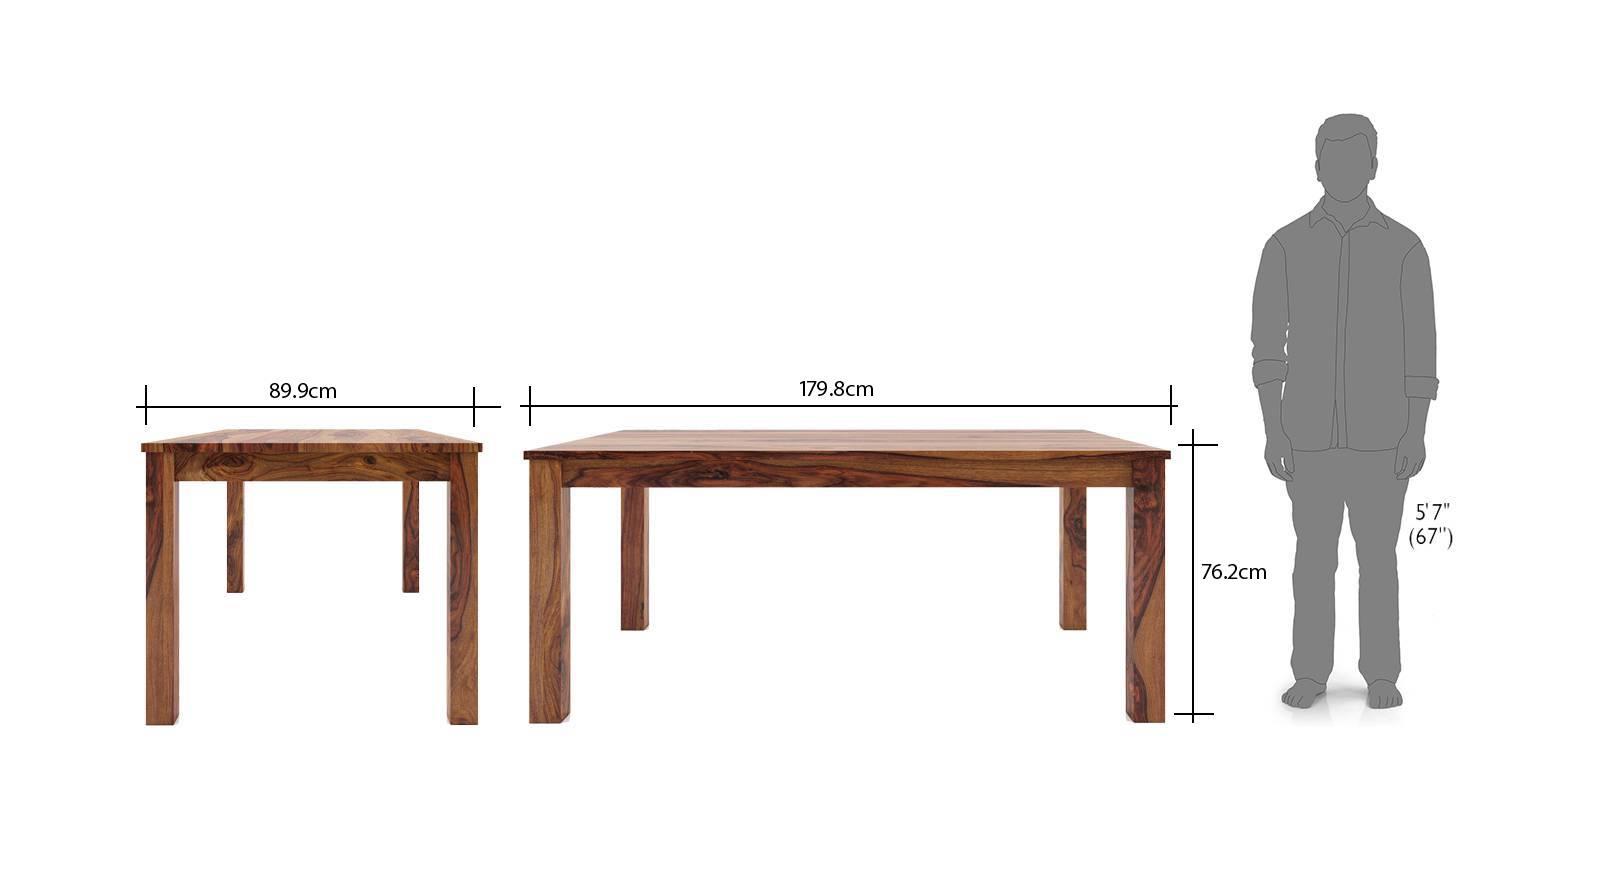 Arabia xl storage martha 6 seater dining table set tk wb 22